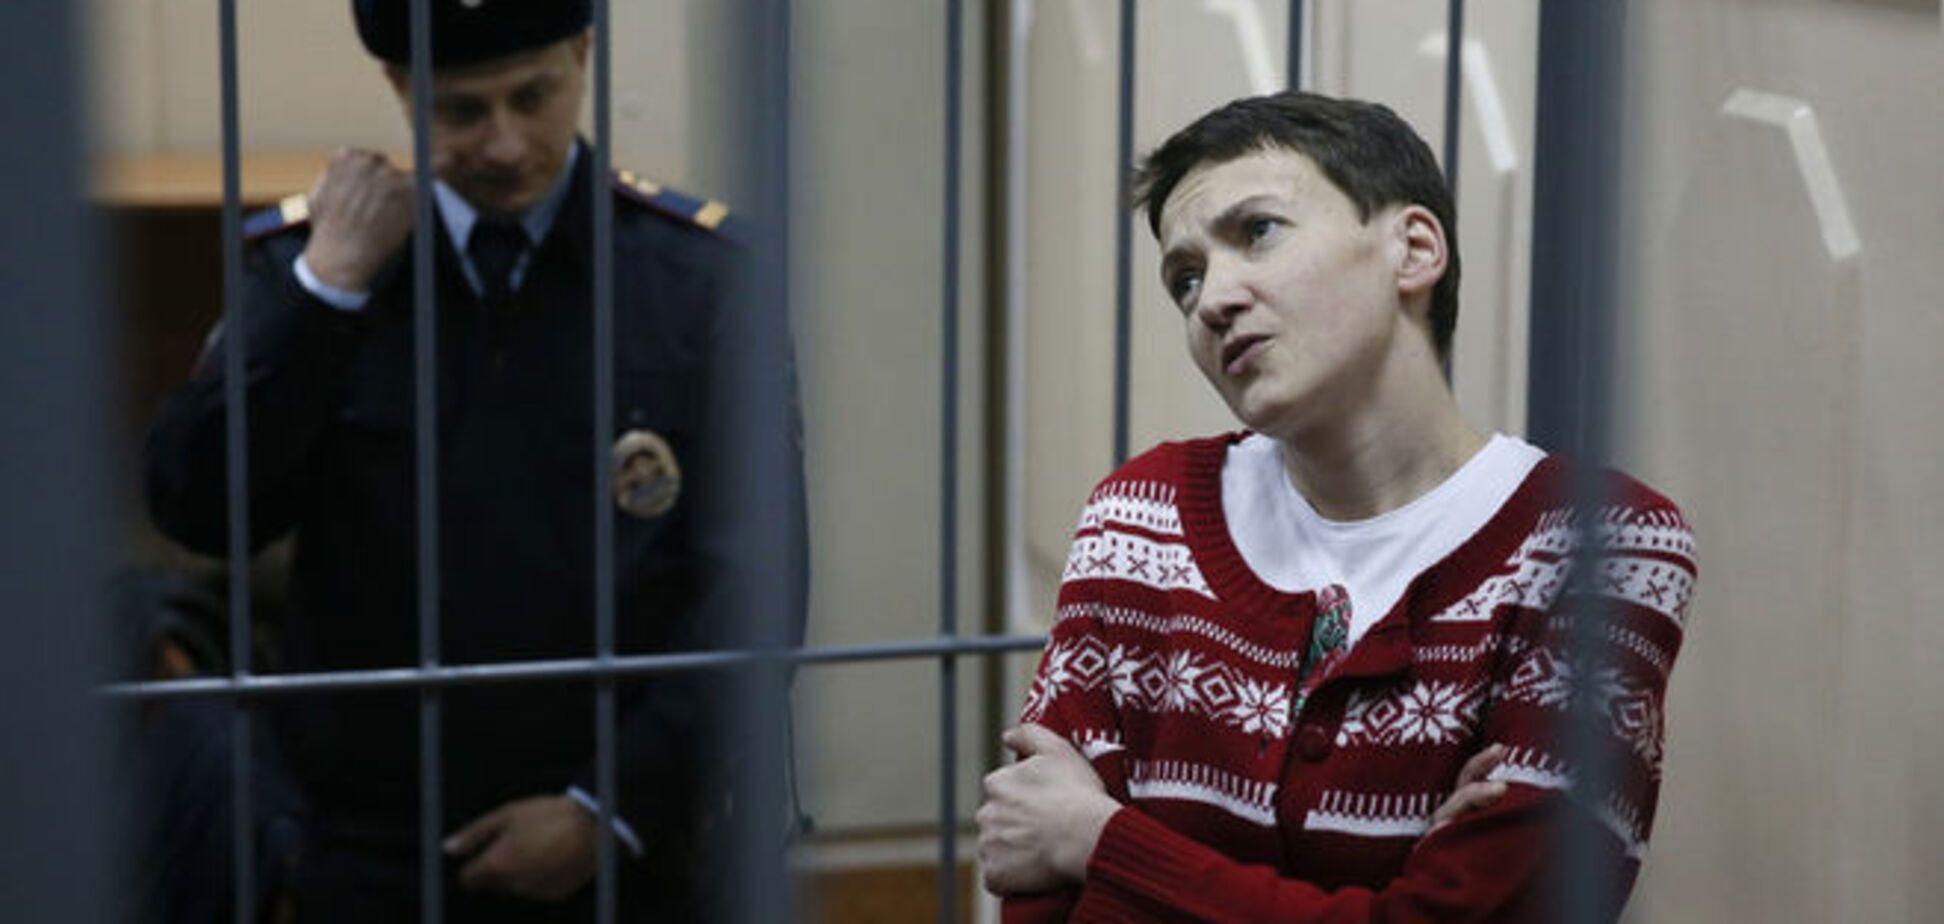 Савченко готовятся перевести из СИЗО в гражданскую больницу